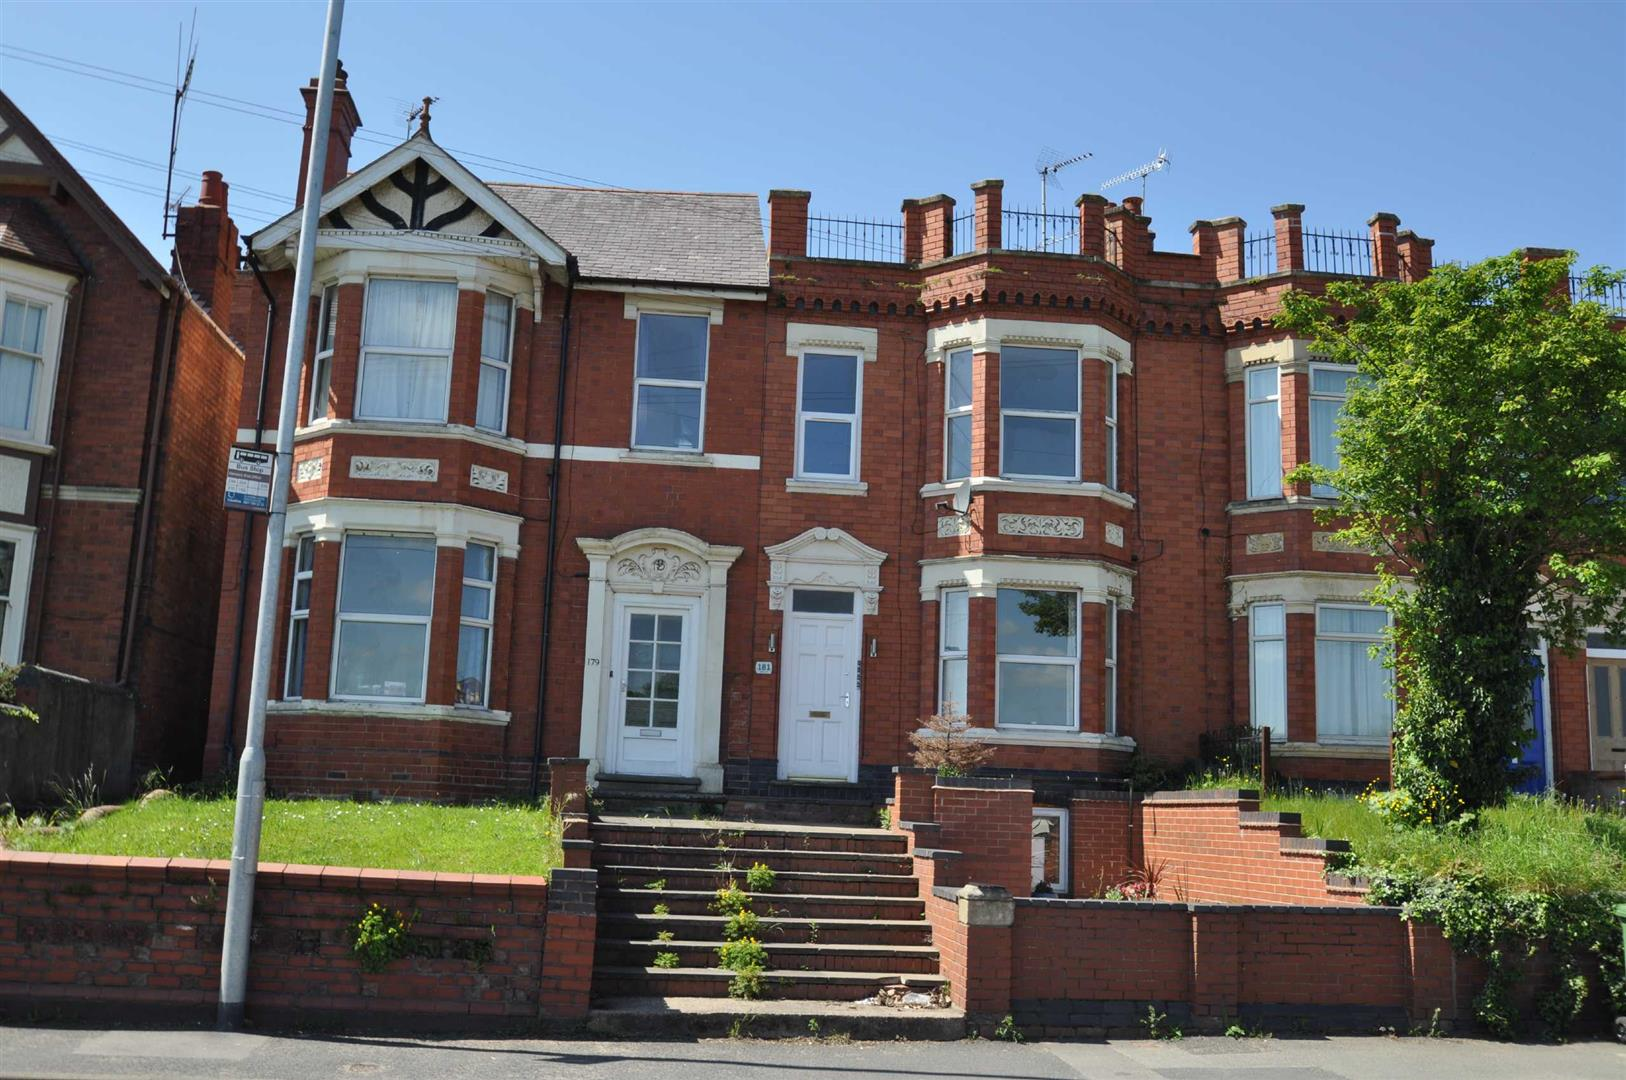 181 Henwick Road,  Worcester